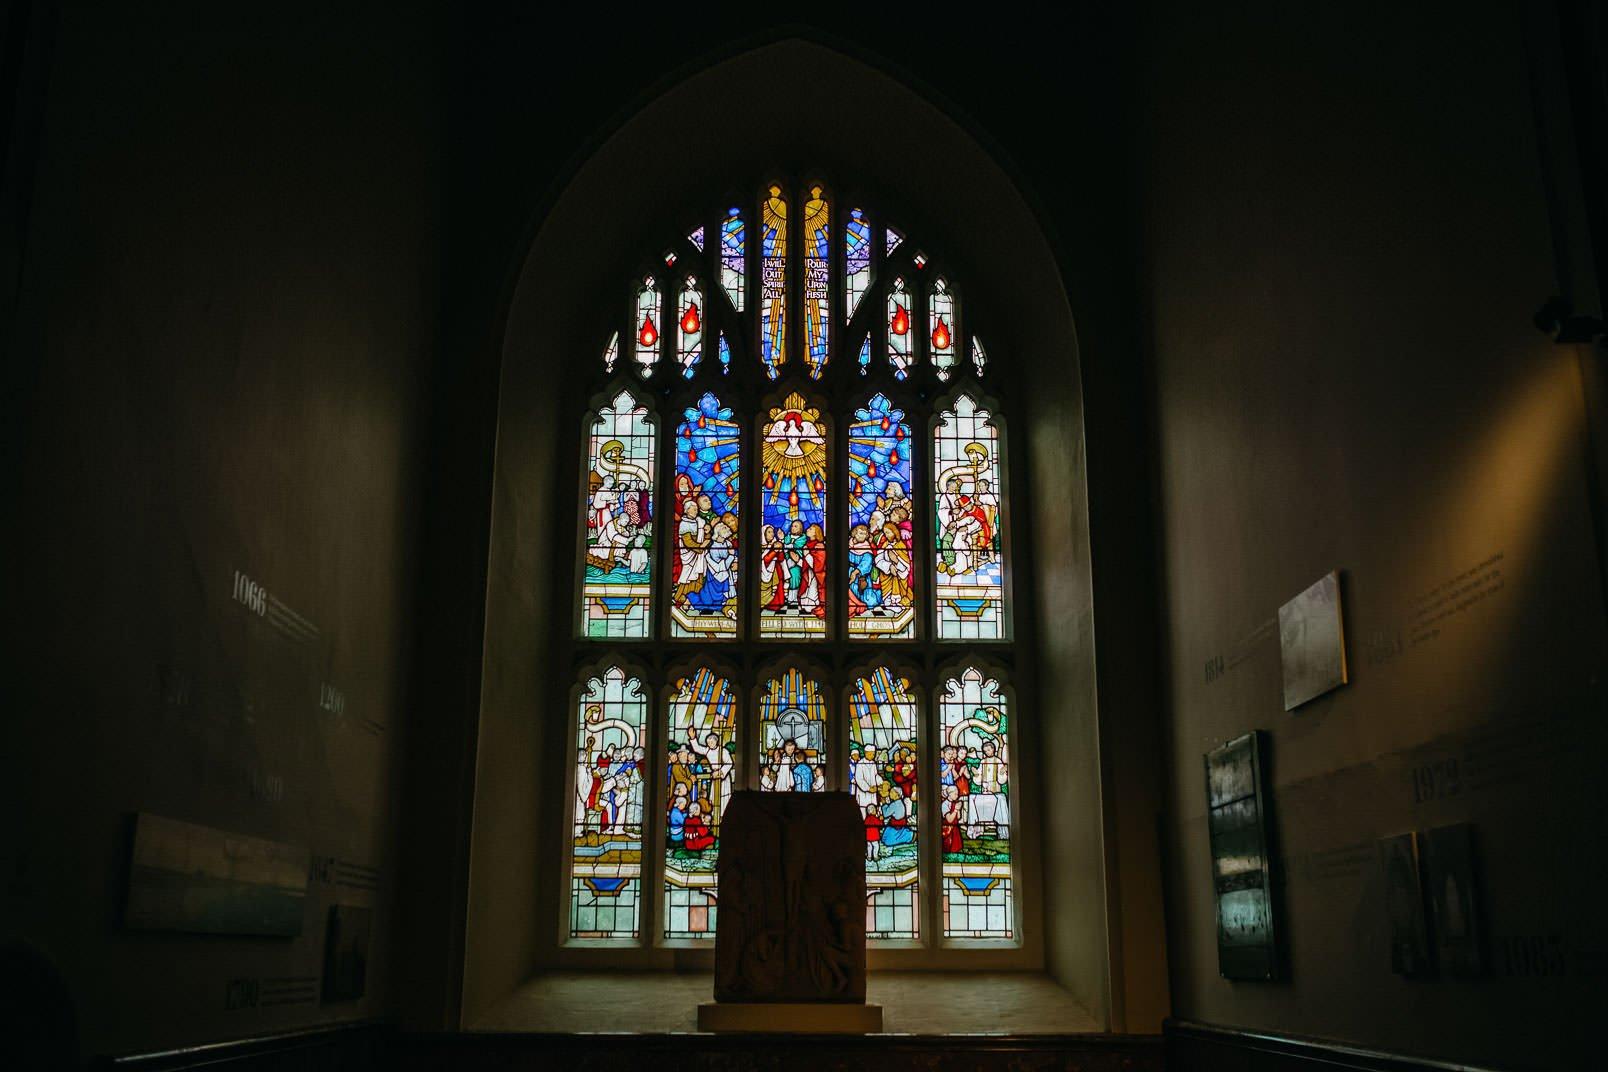 Garden Museum window